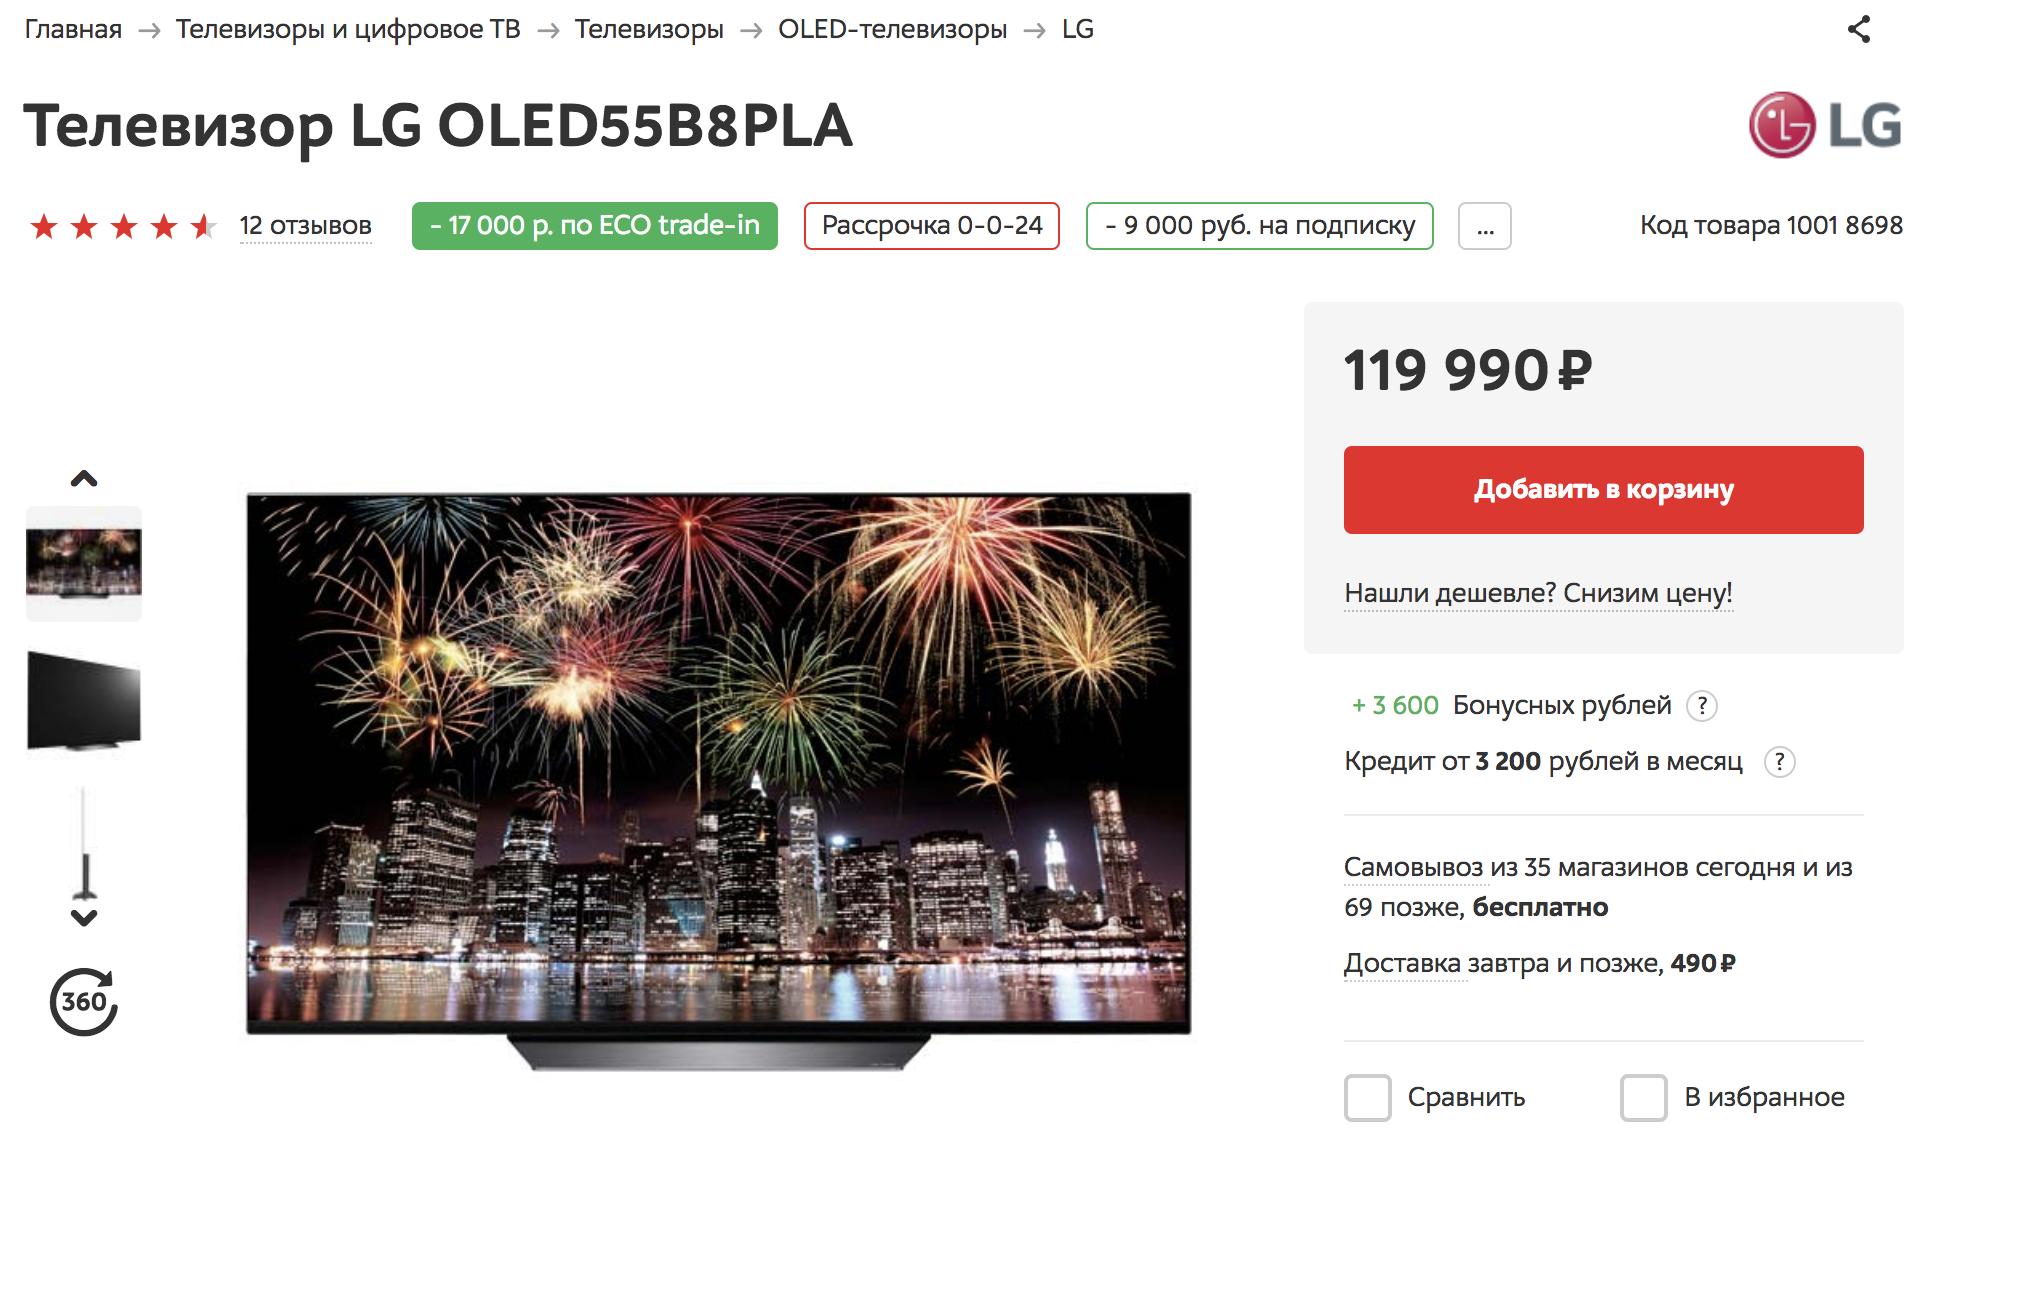 OLED-телевизор LG в «М-видео»